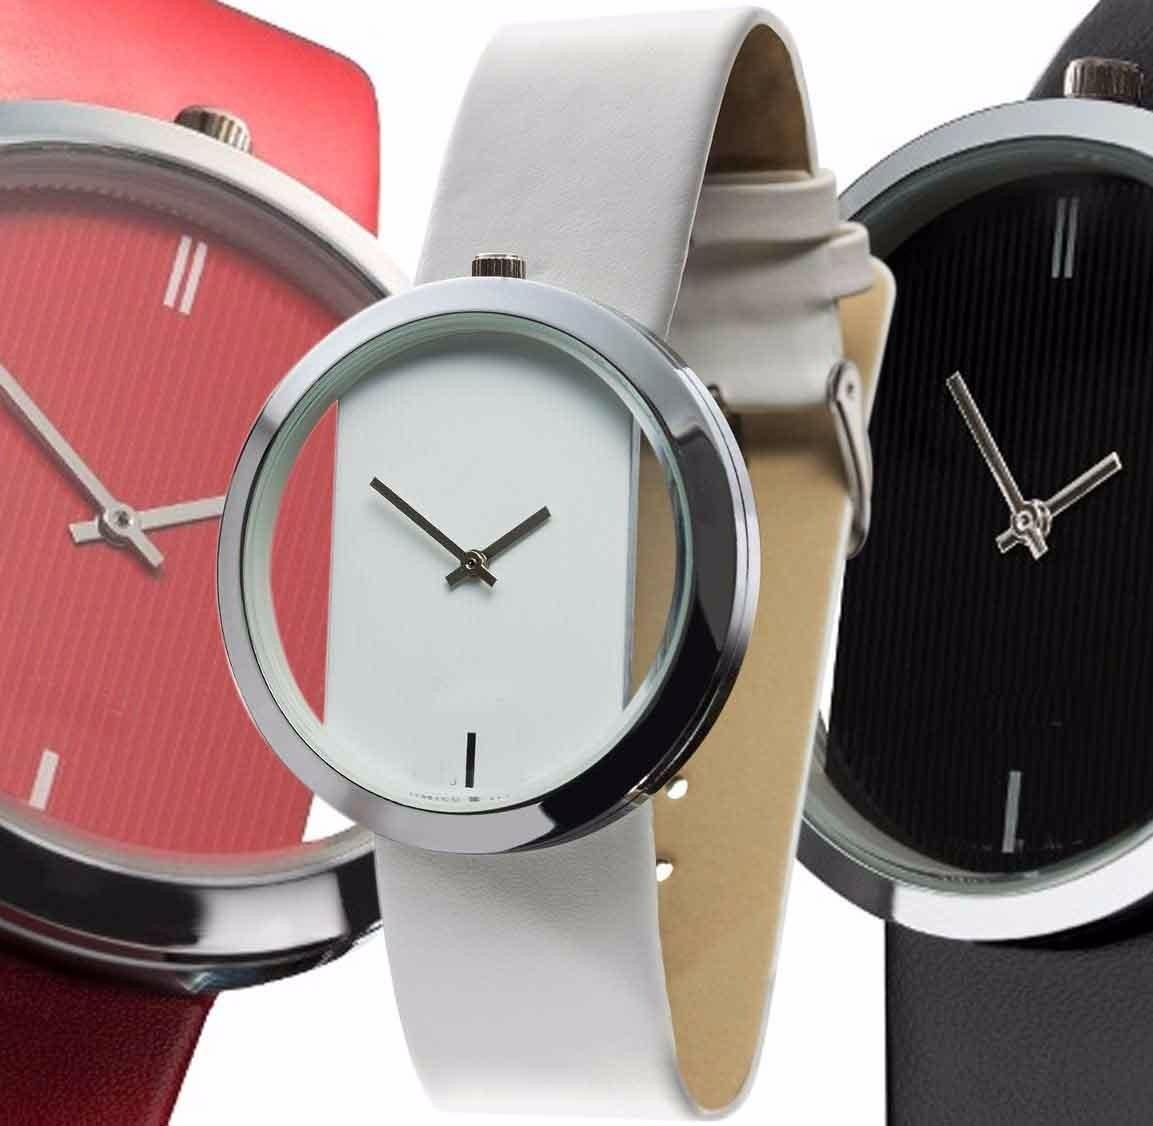 0624bfa3c1fb Lote De 5 Reloj Minimalista Estilo Ck Glam 3 Colores -   498.99 en ...